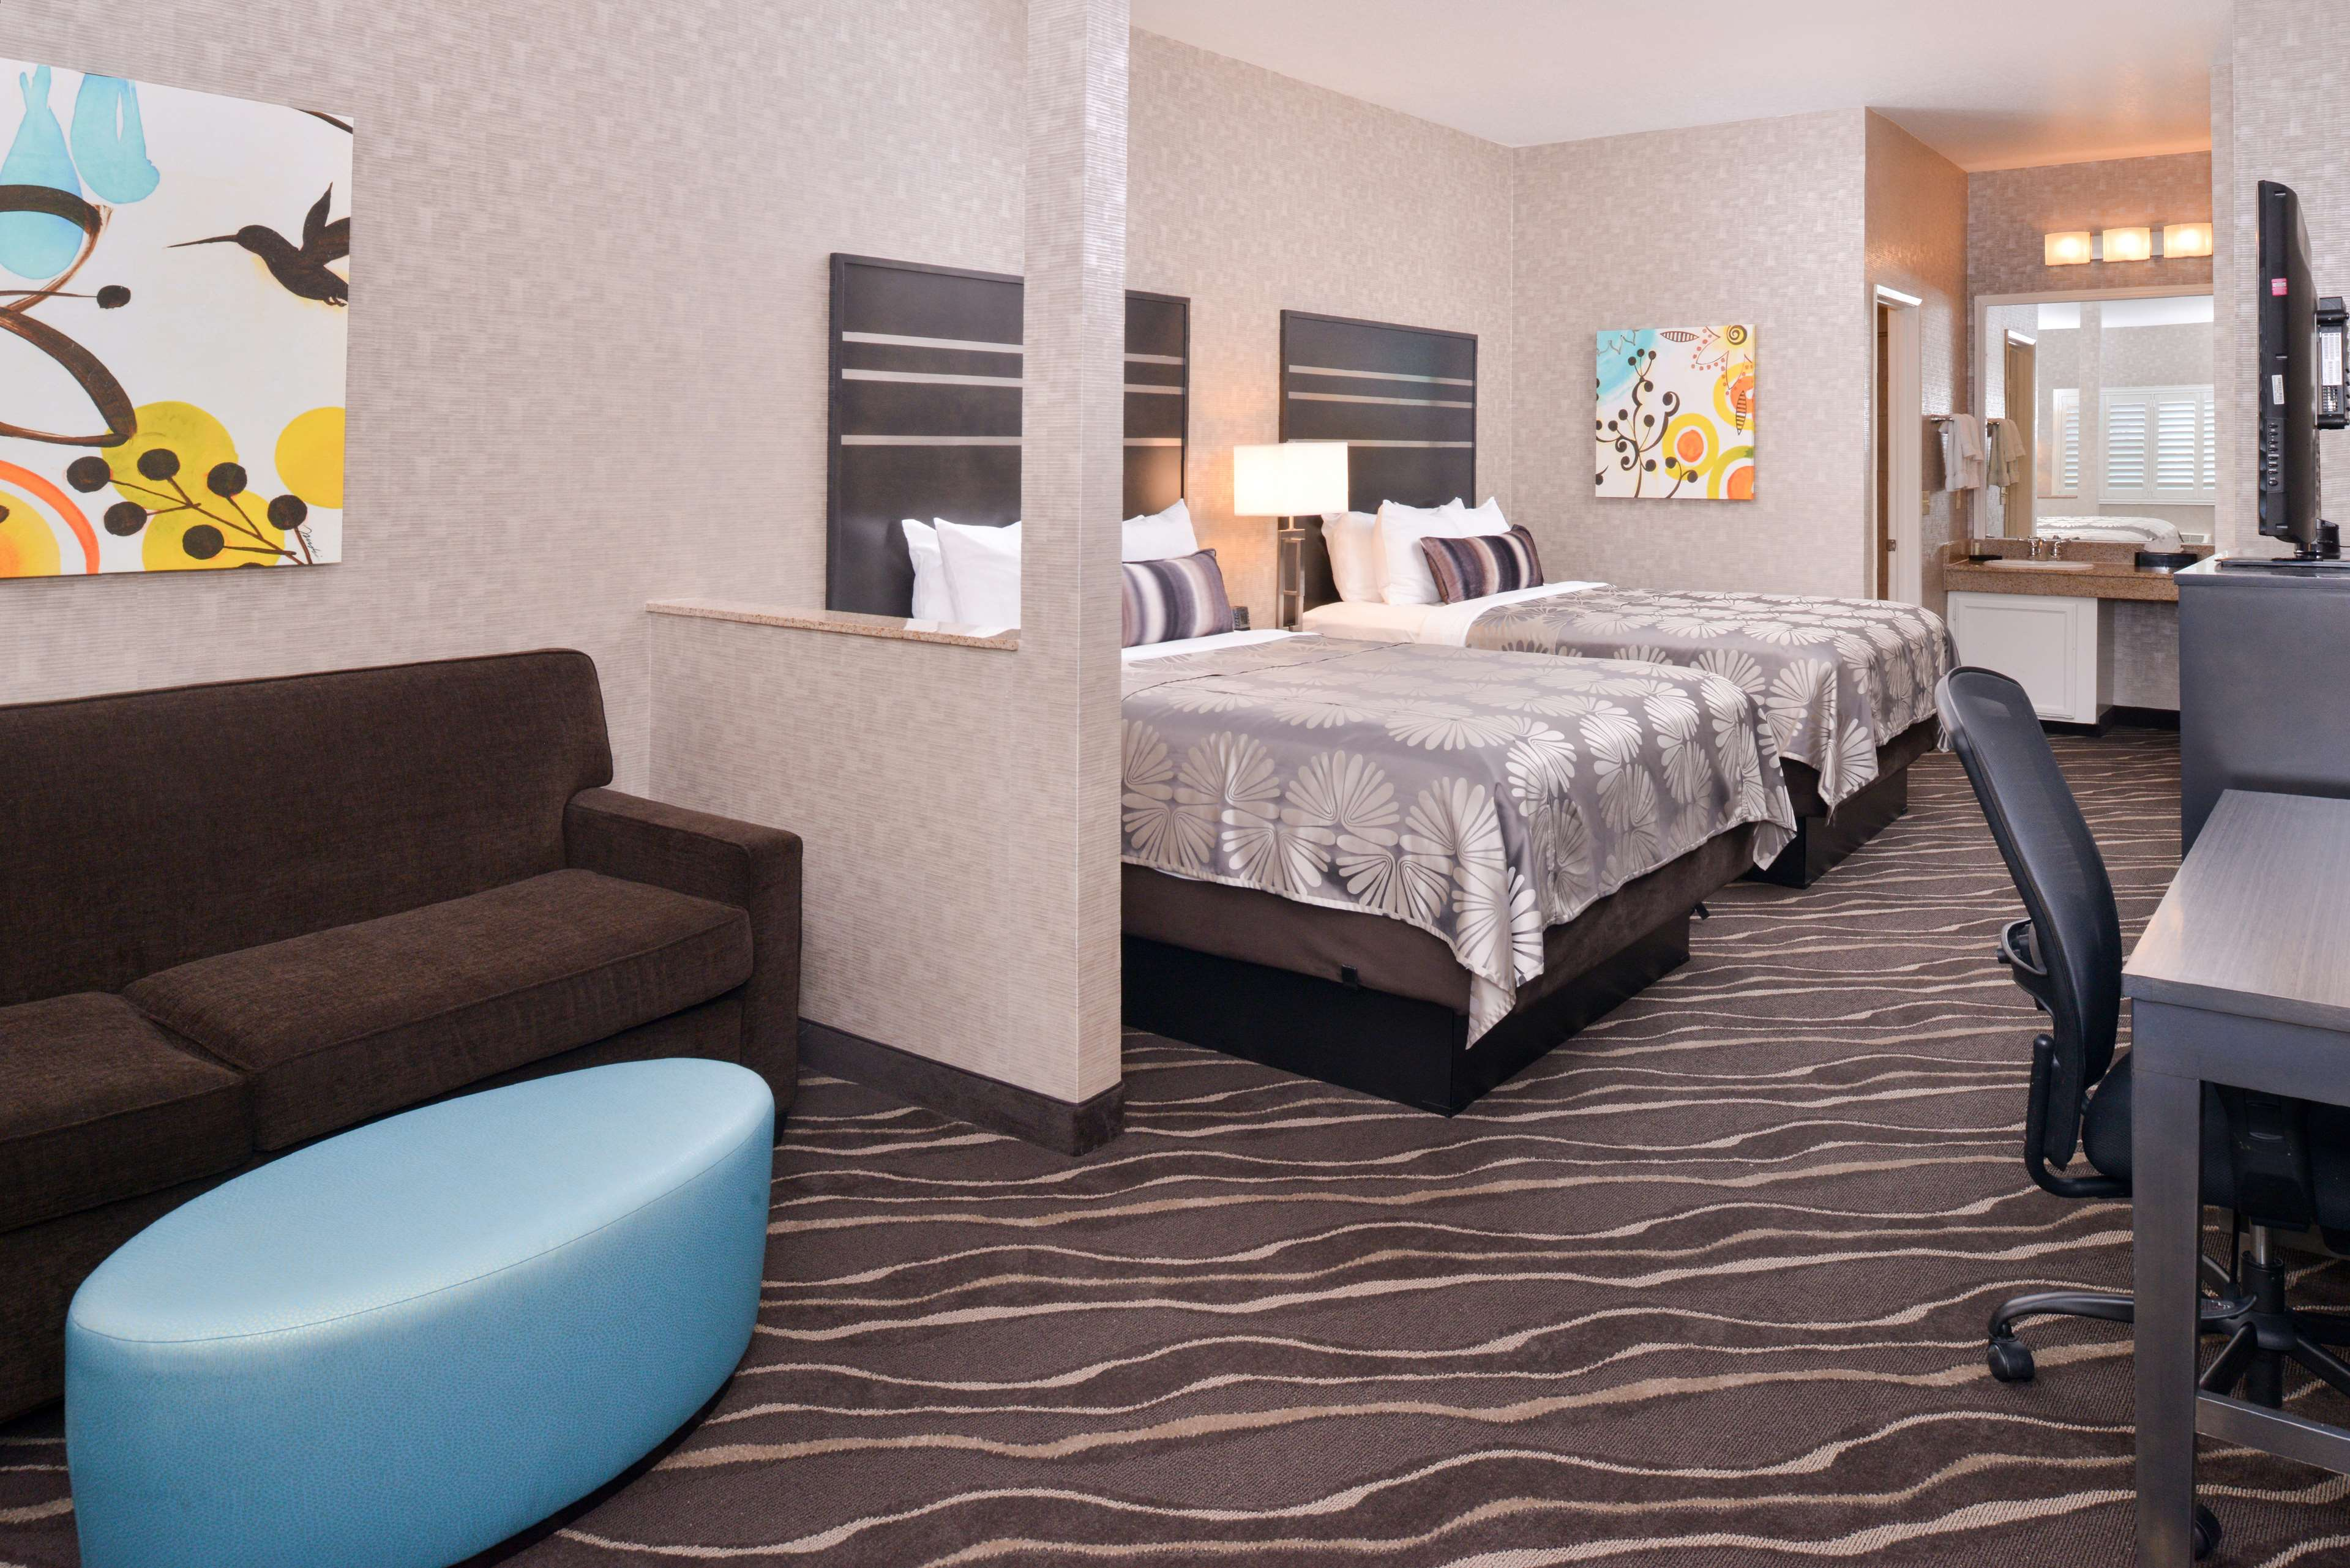 Best Western Plus Park Place Inn - Mini Suites image 17